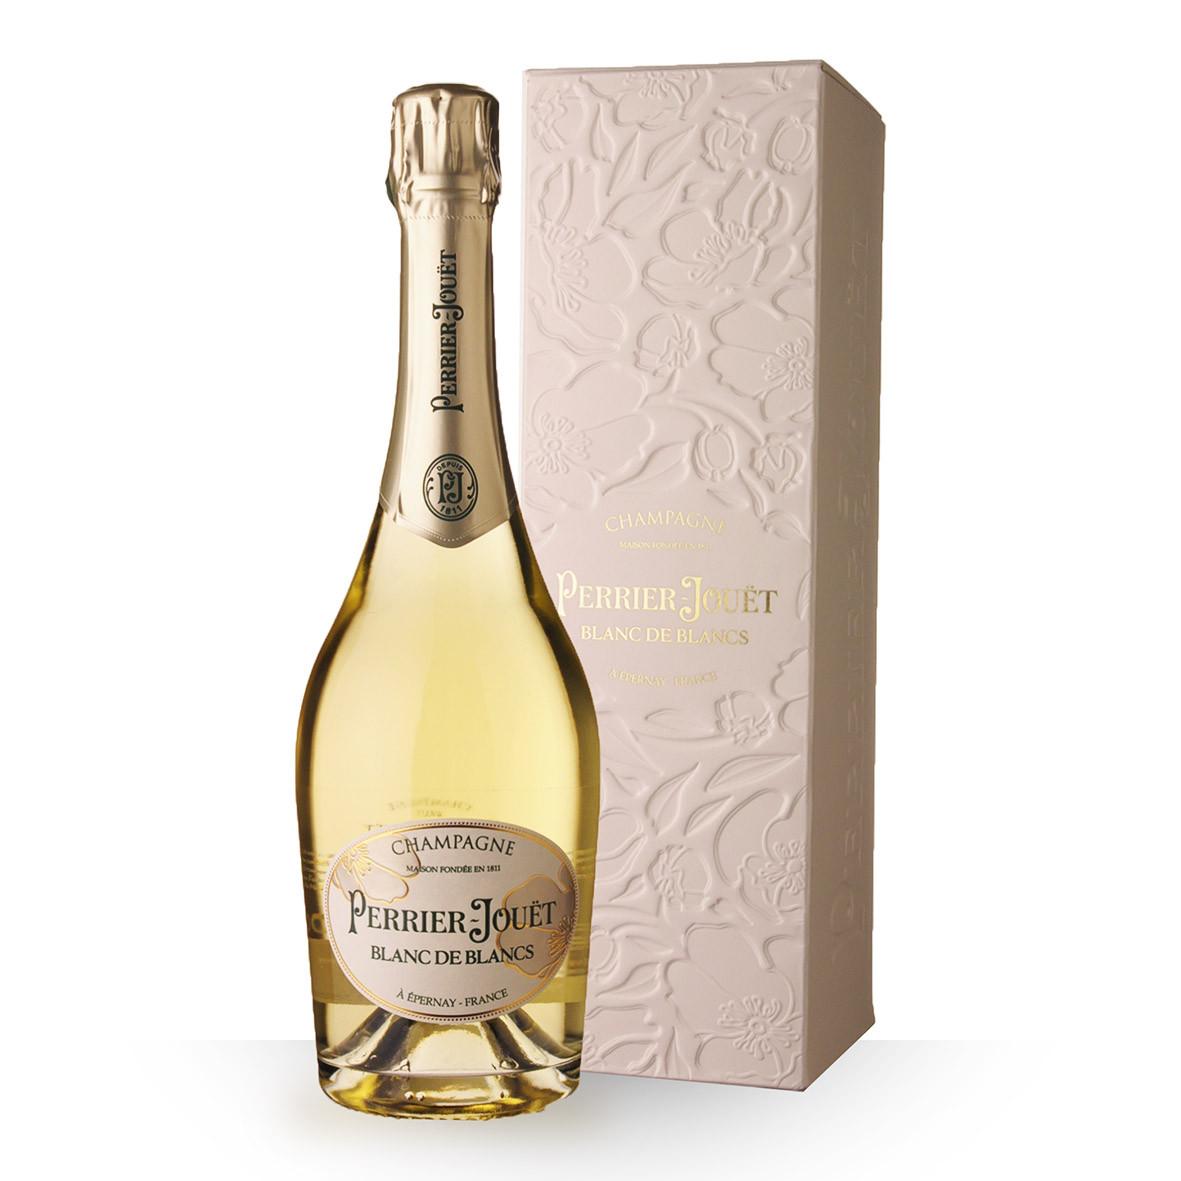 Champagne Perrier-Jouët Blanc de Blancs 75cl Etui www.odyssee-vins.com